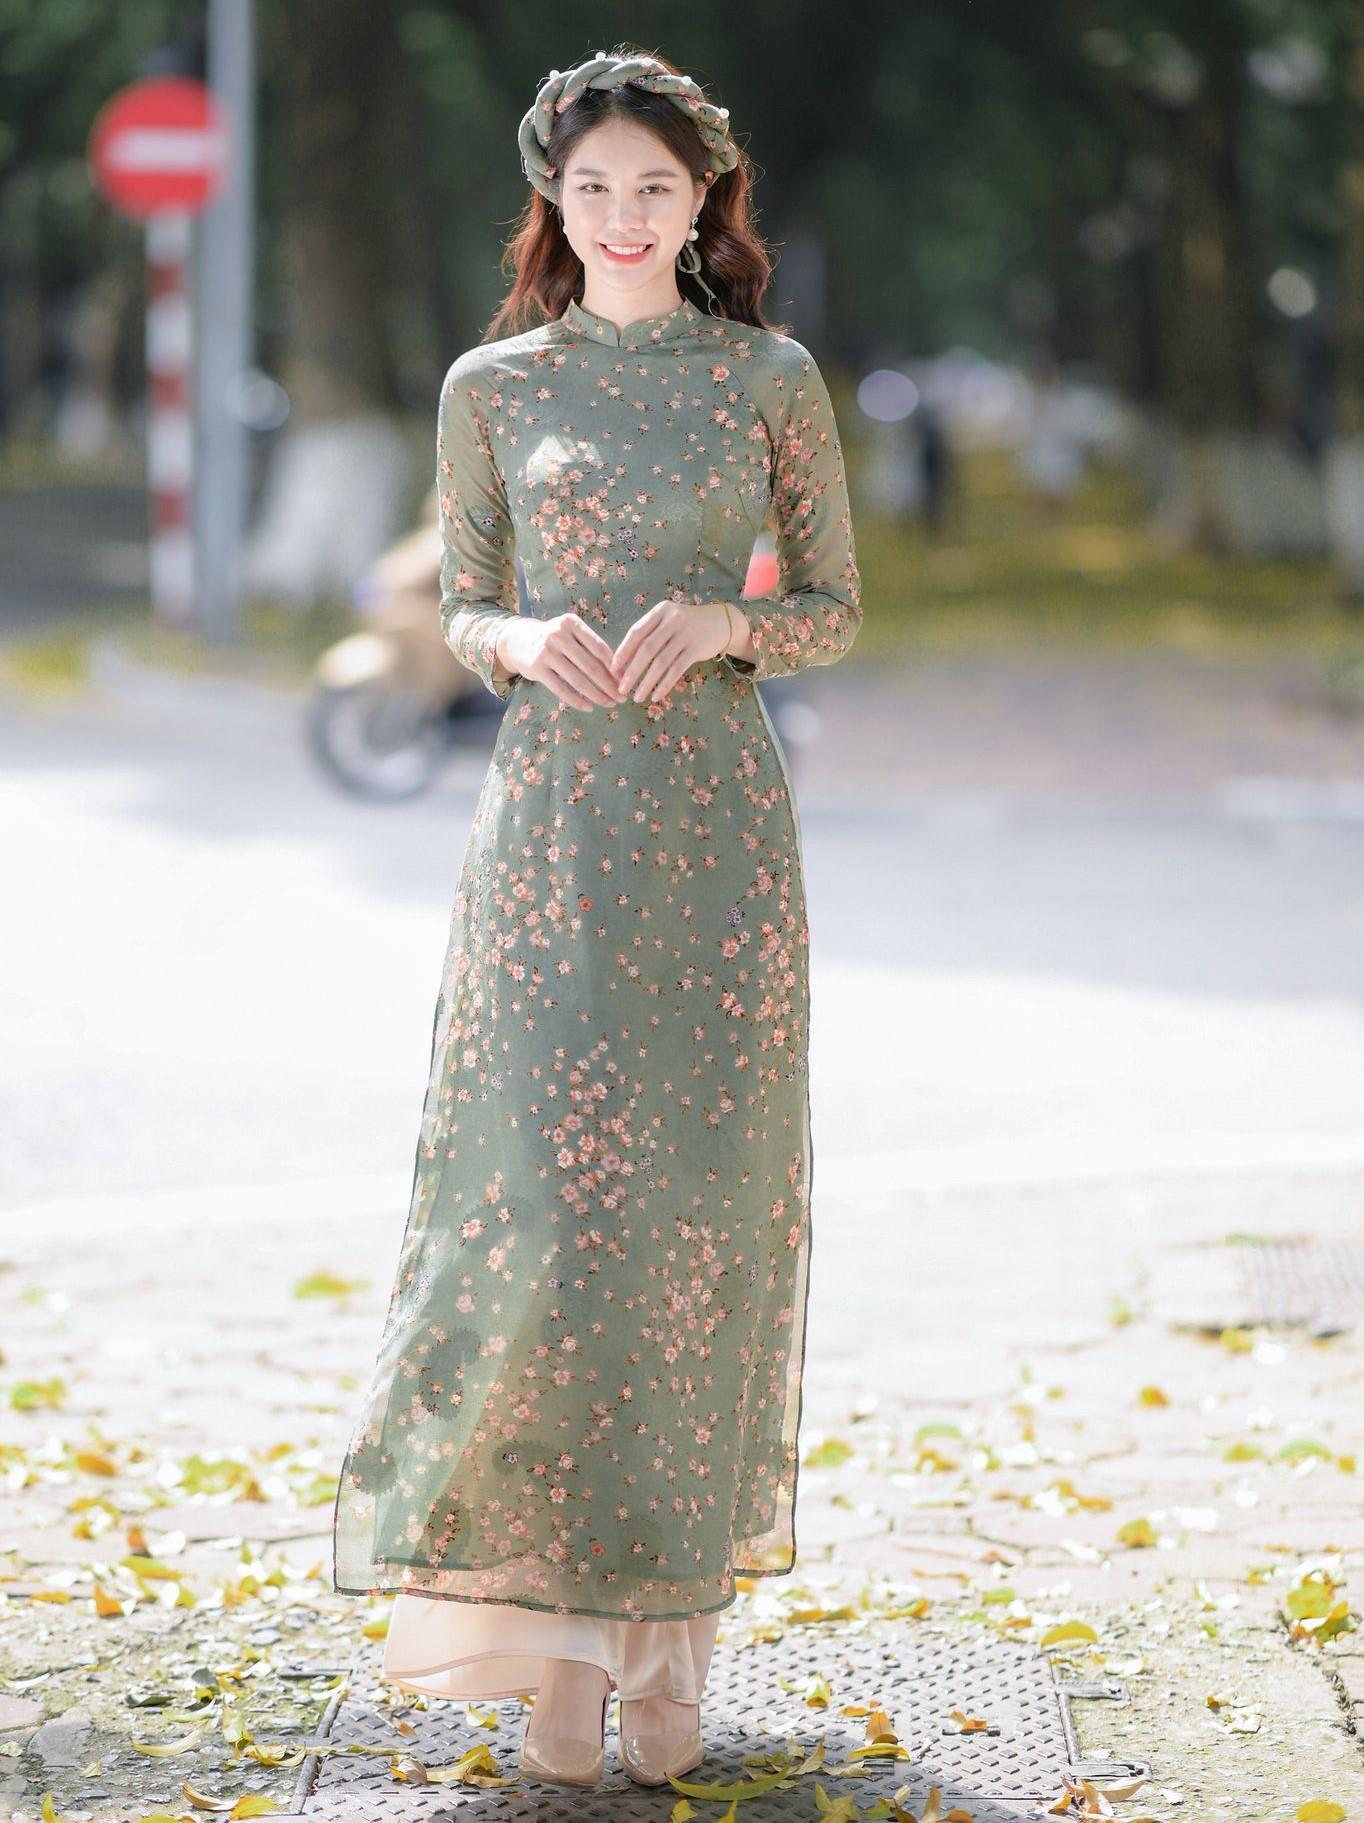 Áo dài họa tiết hoa nhí hiện đang rất được ưa chuộng